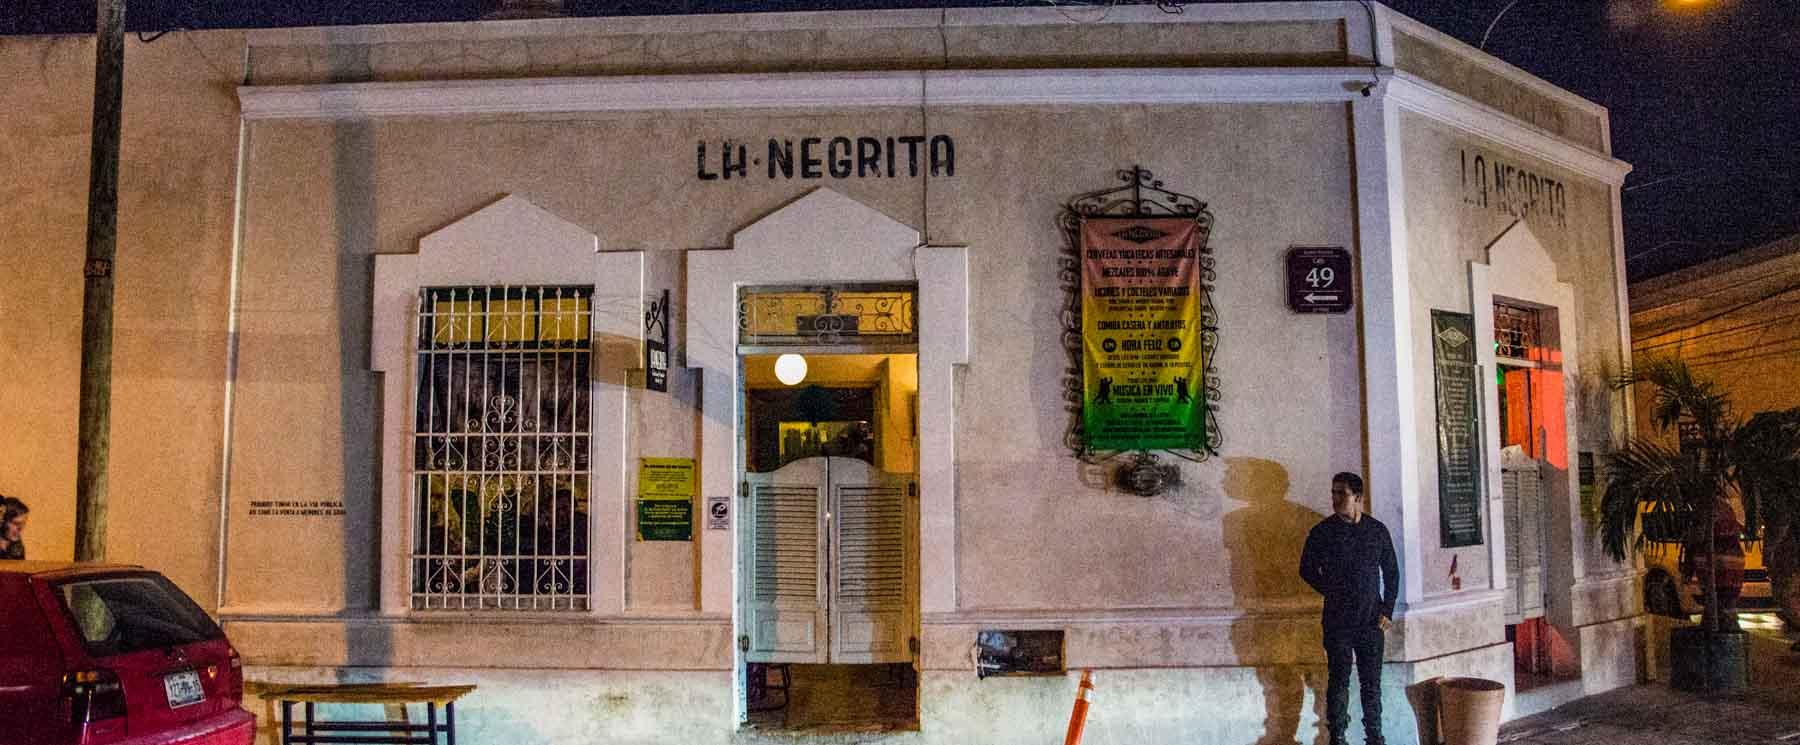 La Negrita bar a highlight of our Yucatan road trip.